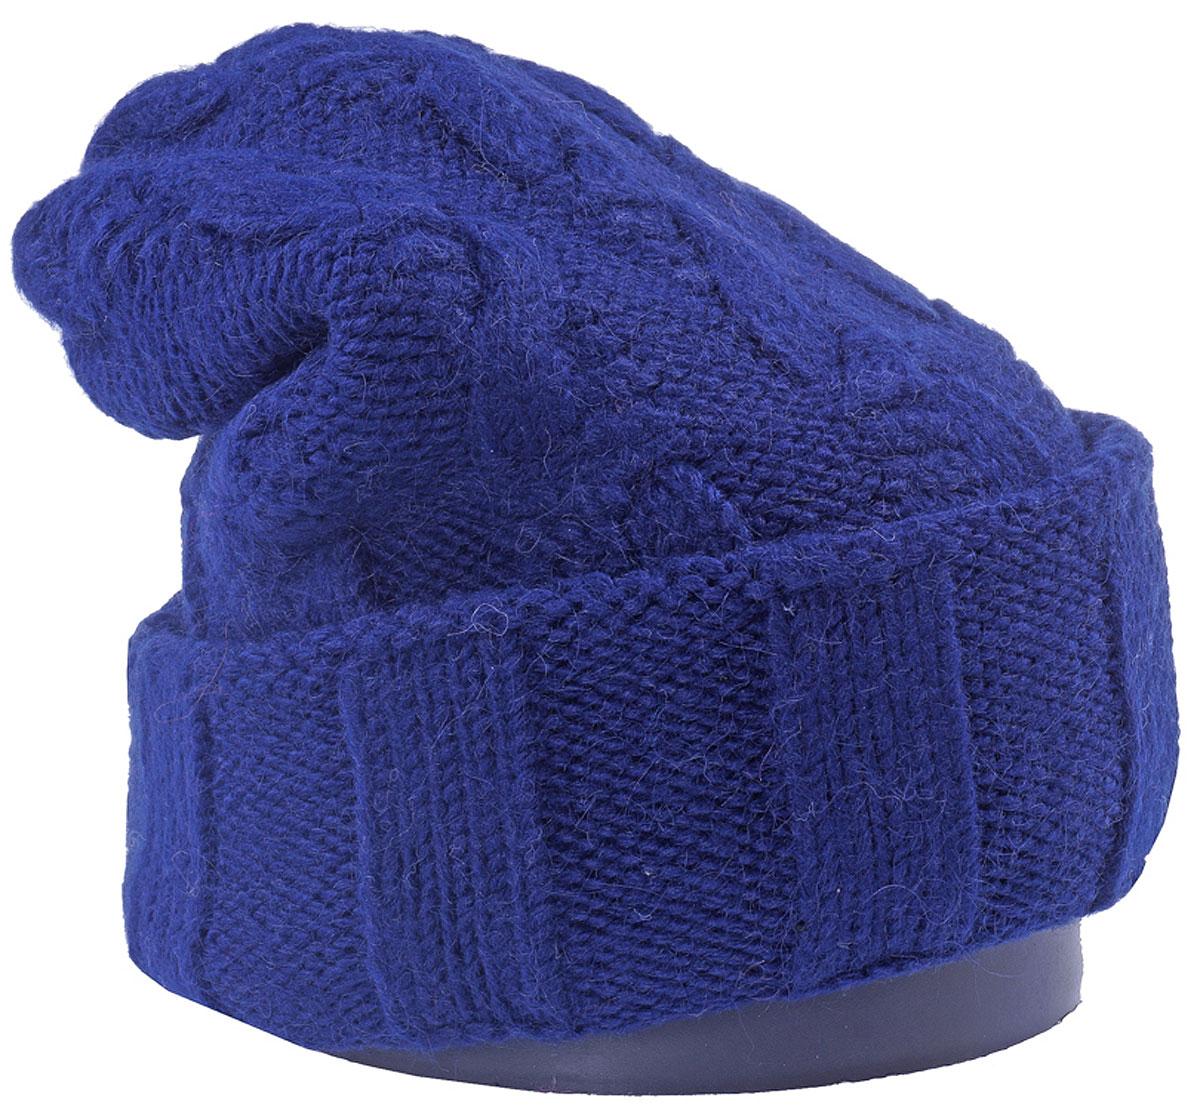 Шапка женская Vittorio Richi, цвет: темно-синий. Aut141937V-98/17. Размер 56/58Aut141937VСтильная женская шапка Vittorio Richi отлично дополнит ваш образ в холодную погоду. Модель, изготовленная из шерсти и акрила, максимально сохраняет тепло и обеспечивает удобную посадку. Шапка дополнена ажурной вязкой. Привлекательная стильная шапка подчеркнет ваш неповторимый стиль и индивидуальность.